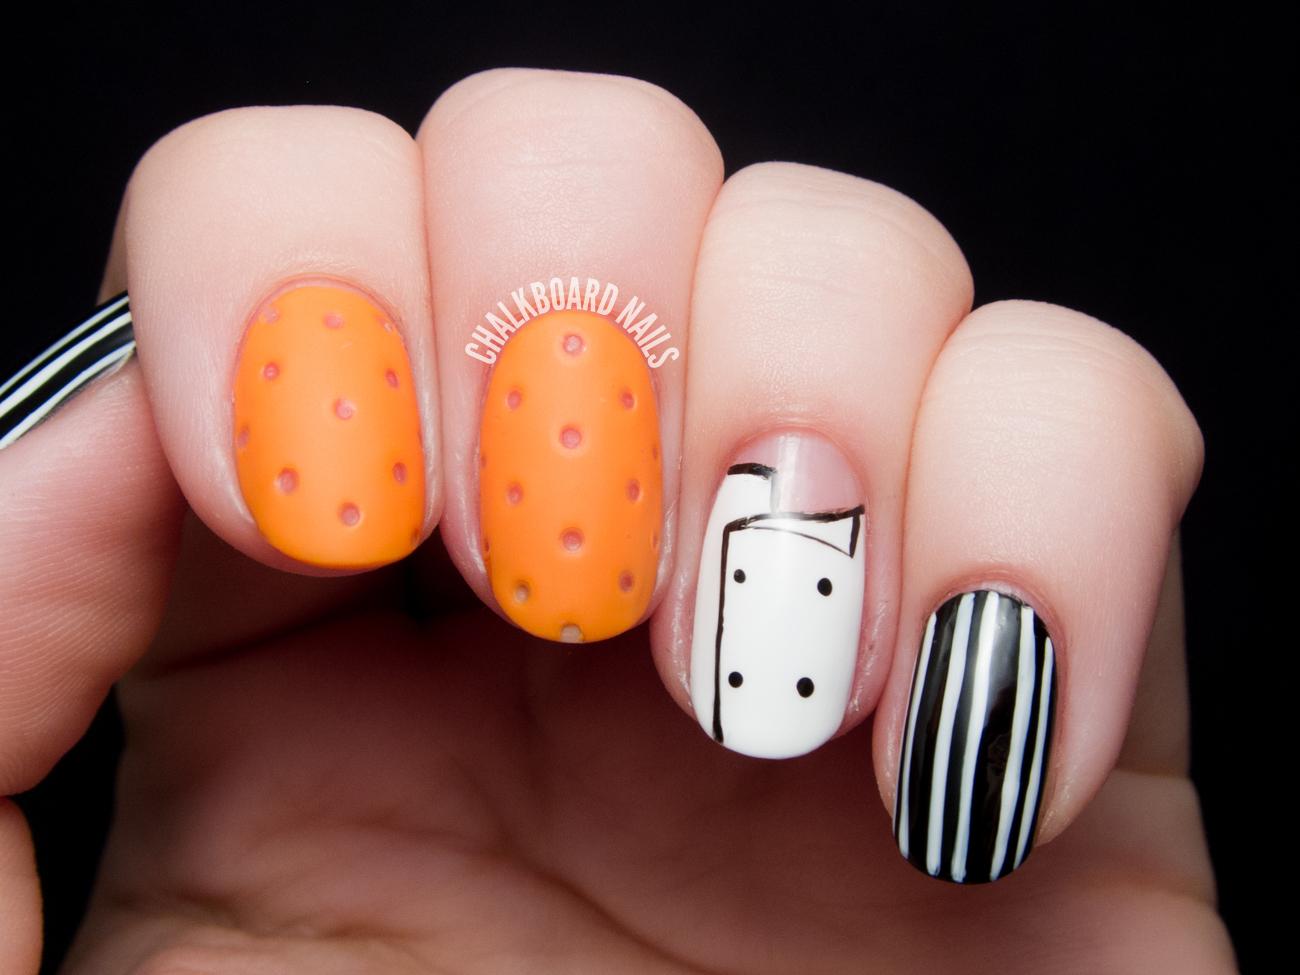 Mario Batali\'s Orange Crocs Nail Art | Chalkboard Nails | Nail Art Blog